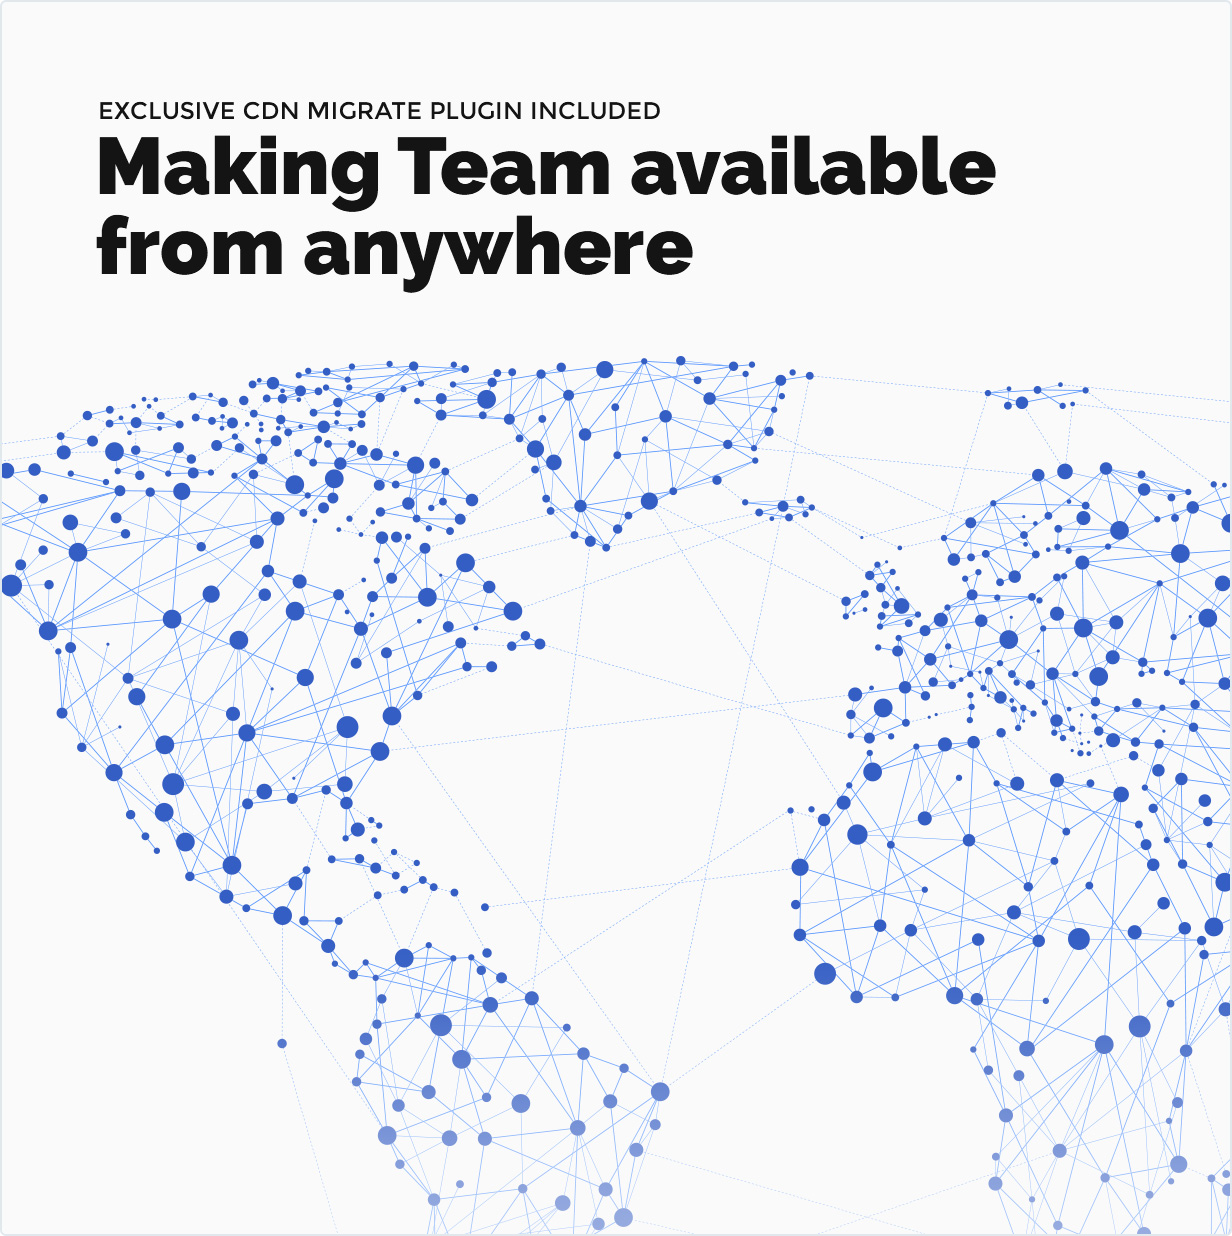 Exklusives CDN Migrate-Plugin enthalten. Making Team von überall auf der Welt verfügbar!